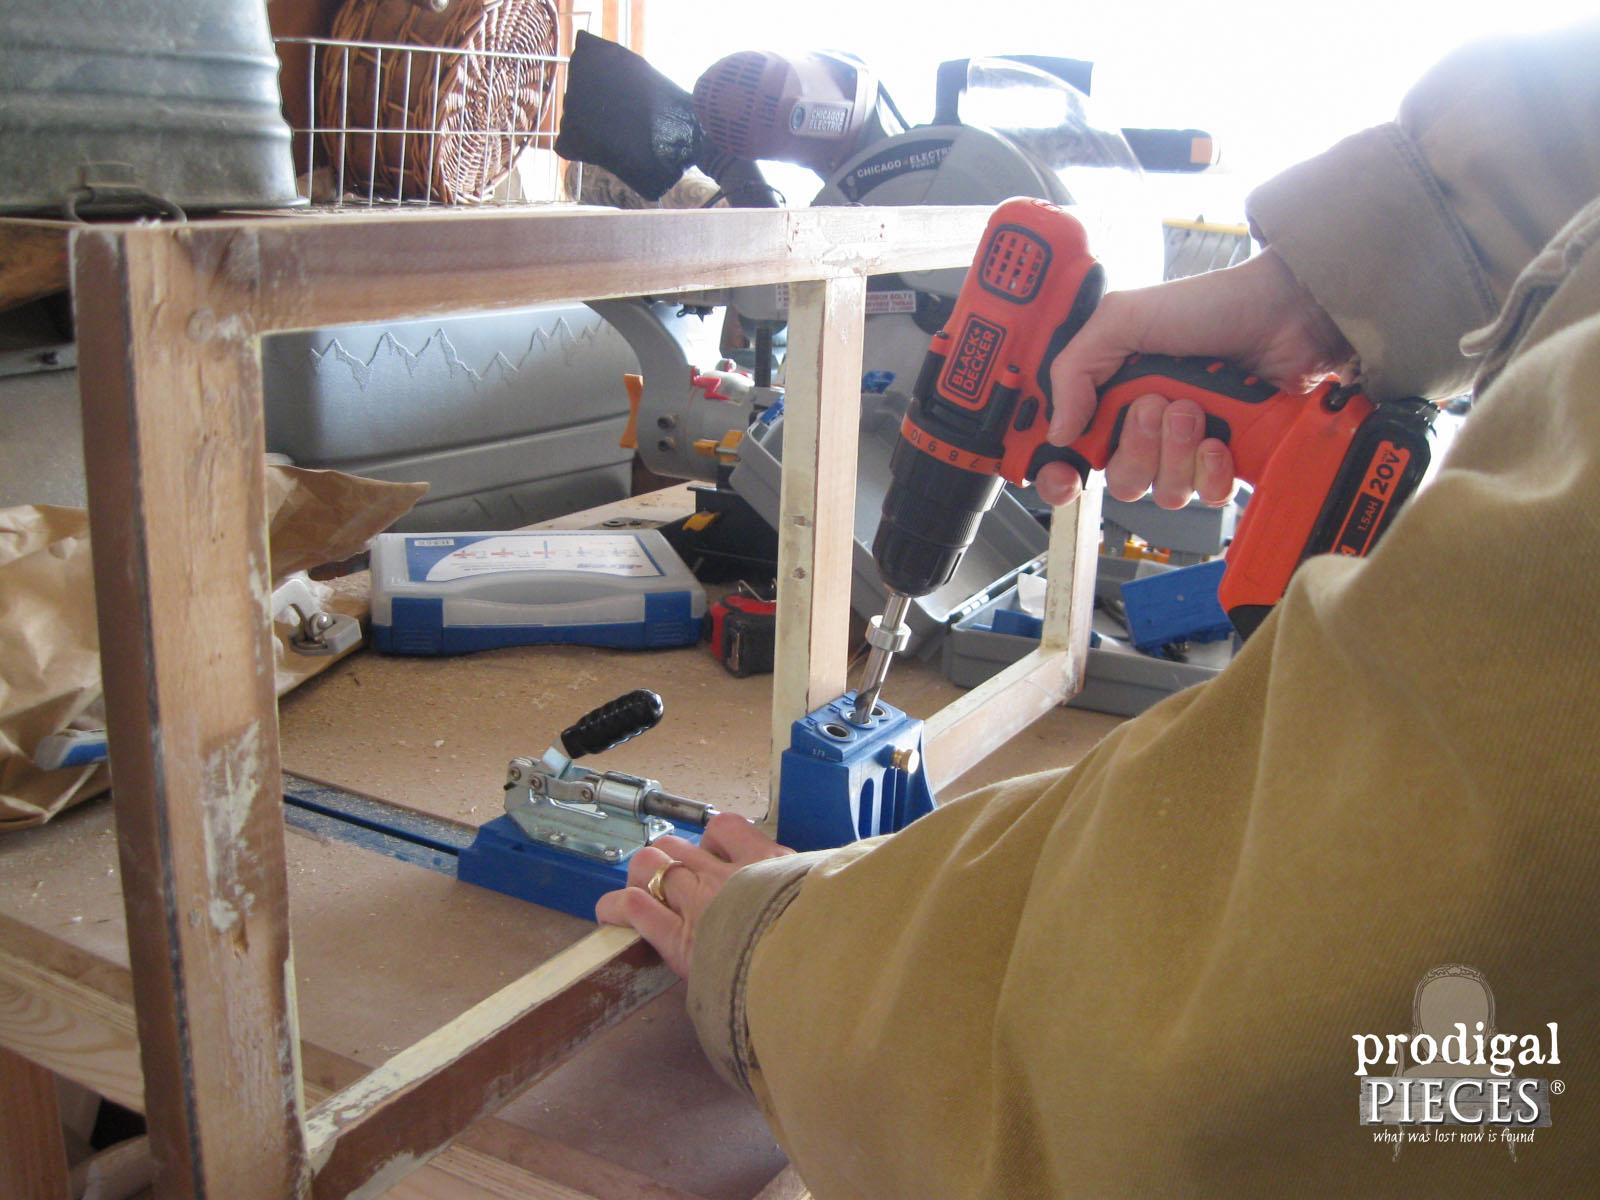 Creating Pocket Screw Holes with my Kreg Jig | Prodigal Pieces | www.prodigalpieces.com